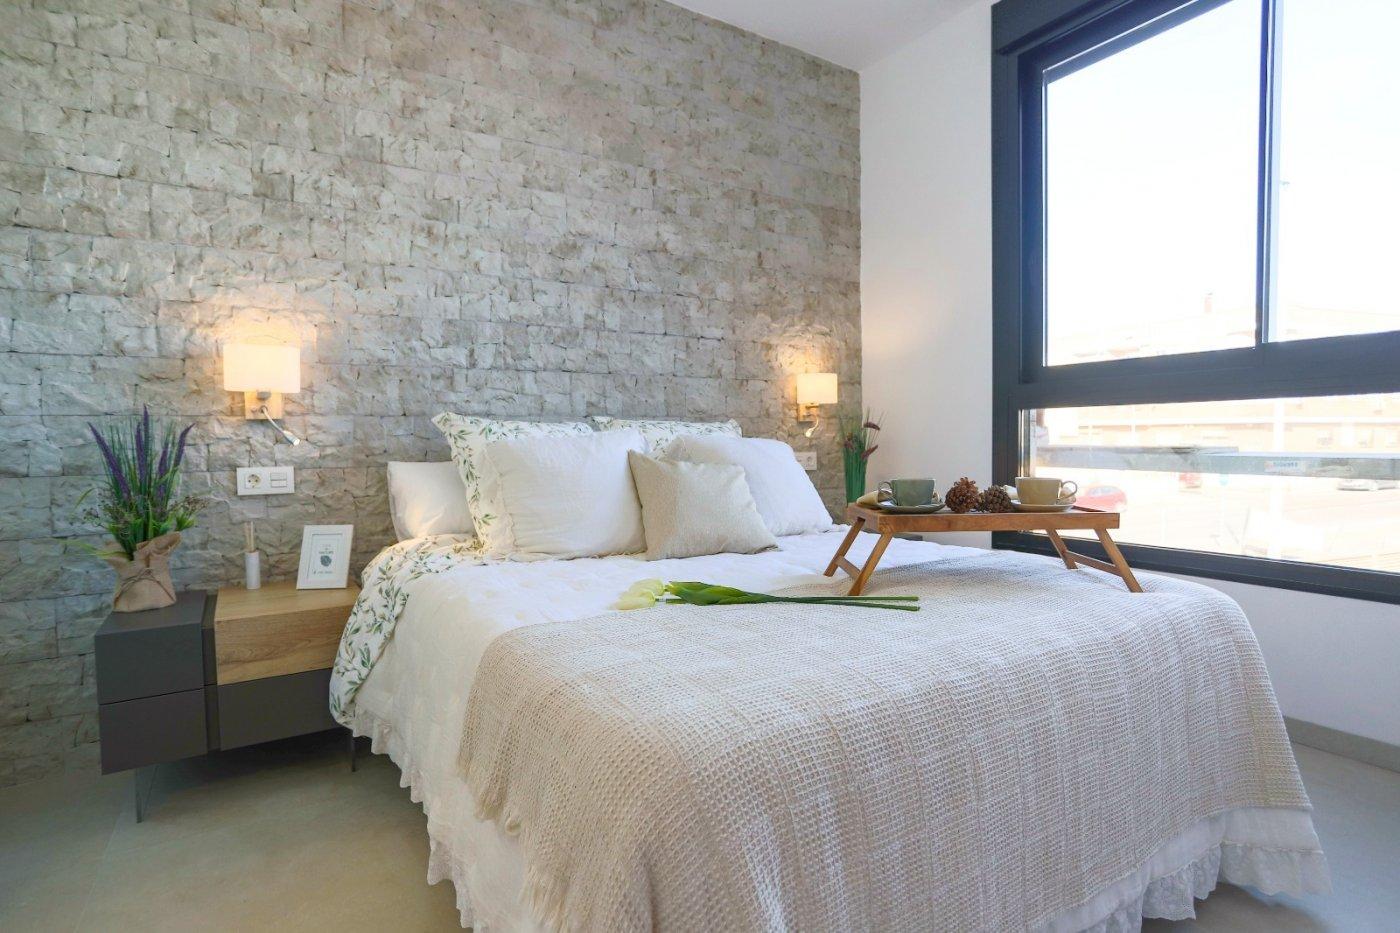 Apartamento moderno en san pedro del pinatar - imagenInmueble11